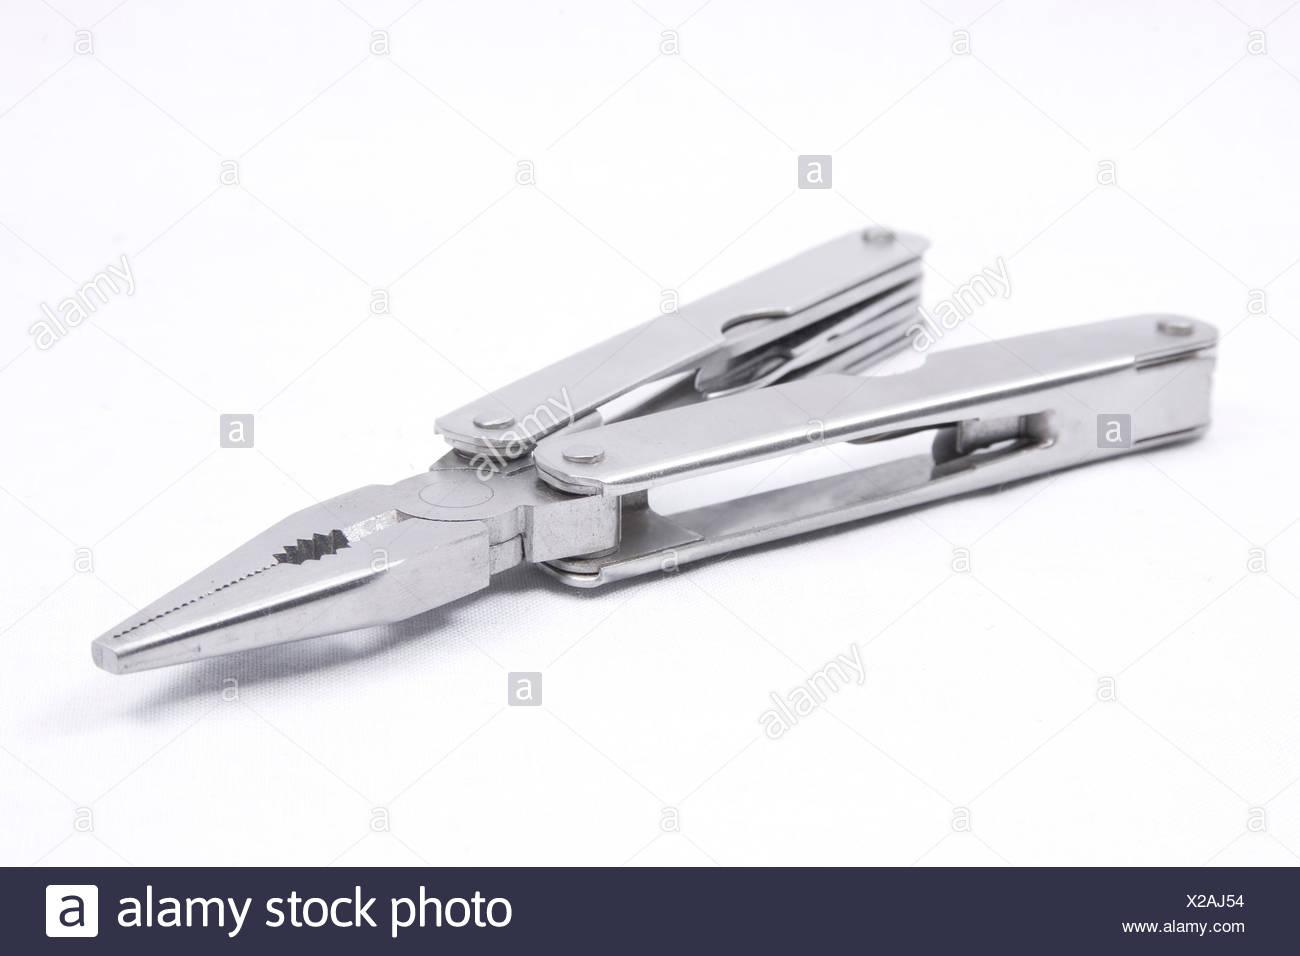 Multi-tool / Pliers - Stock Image